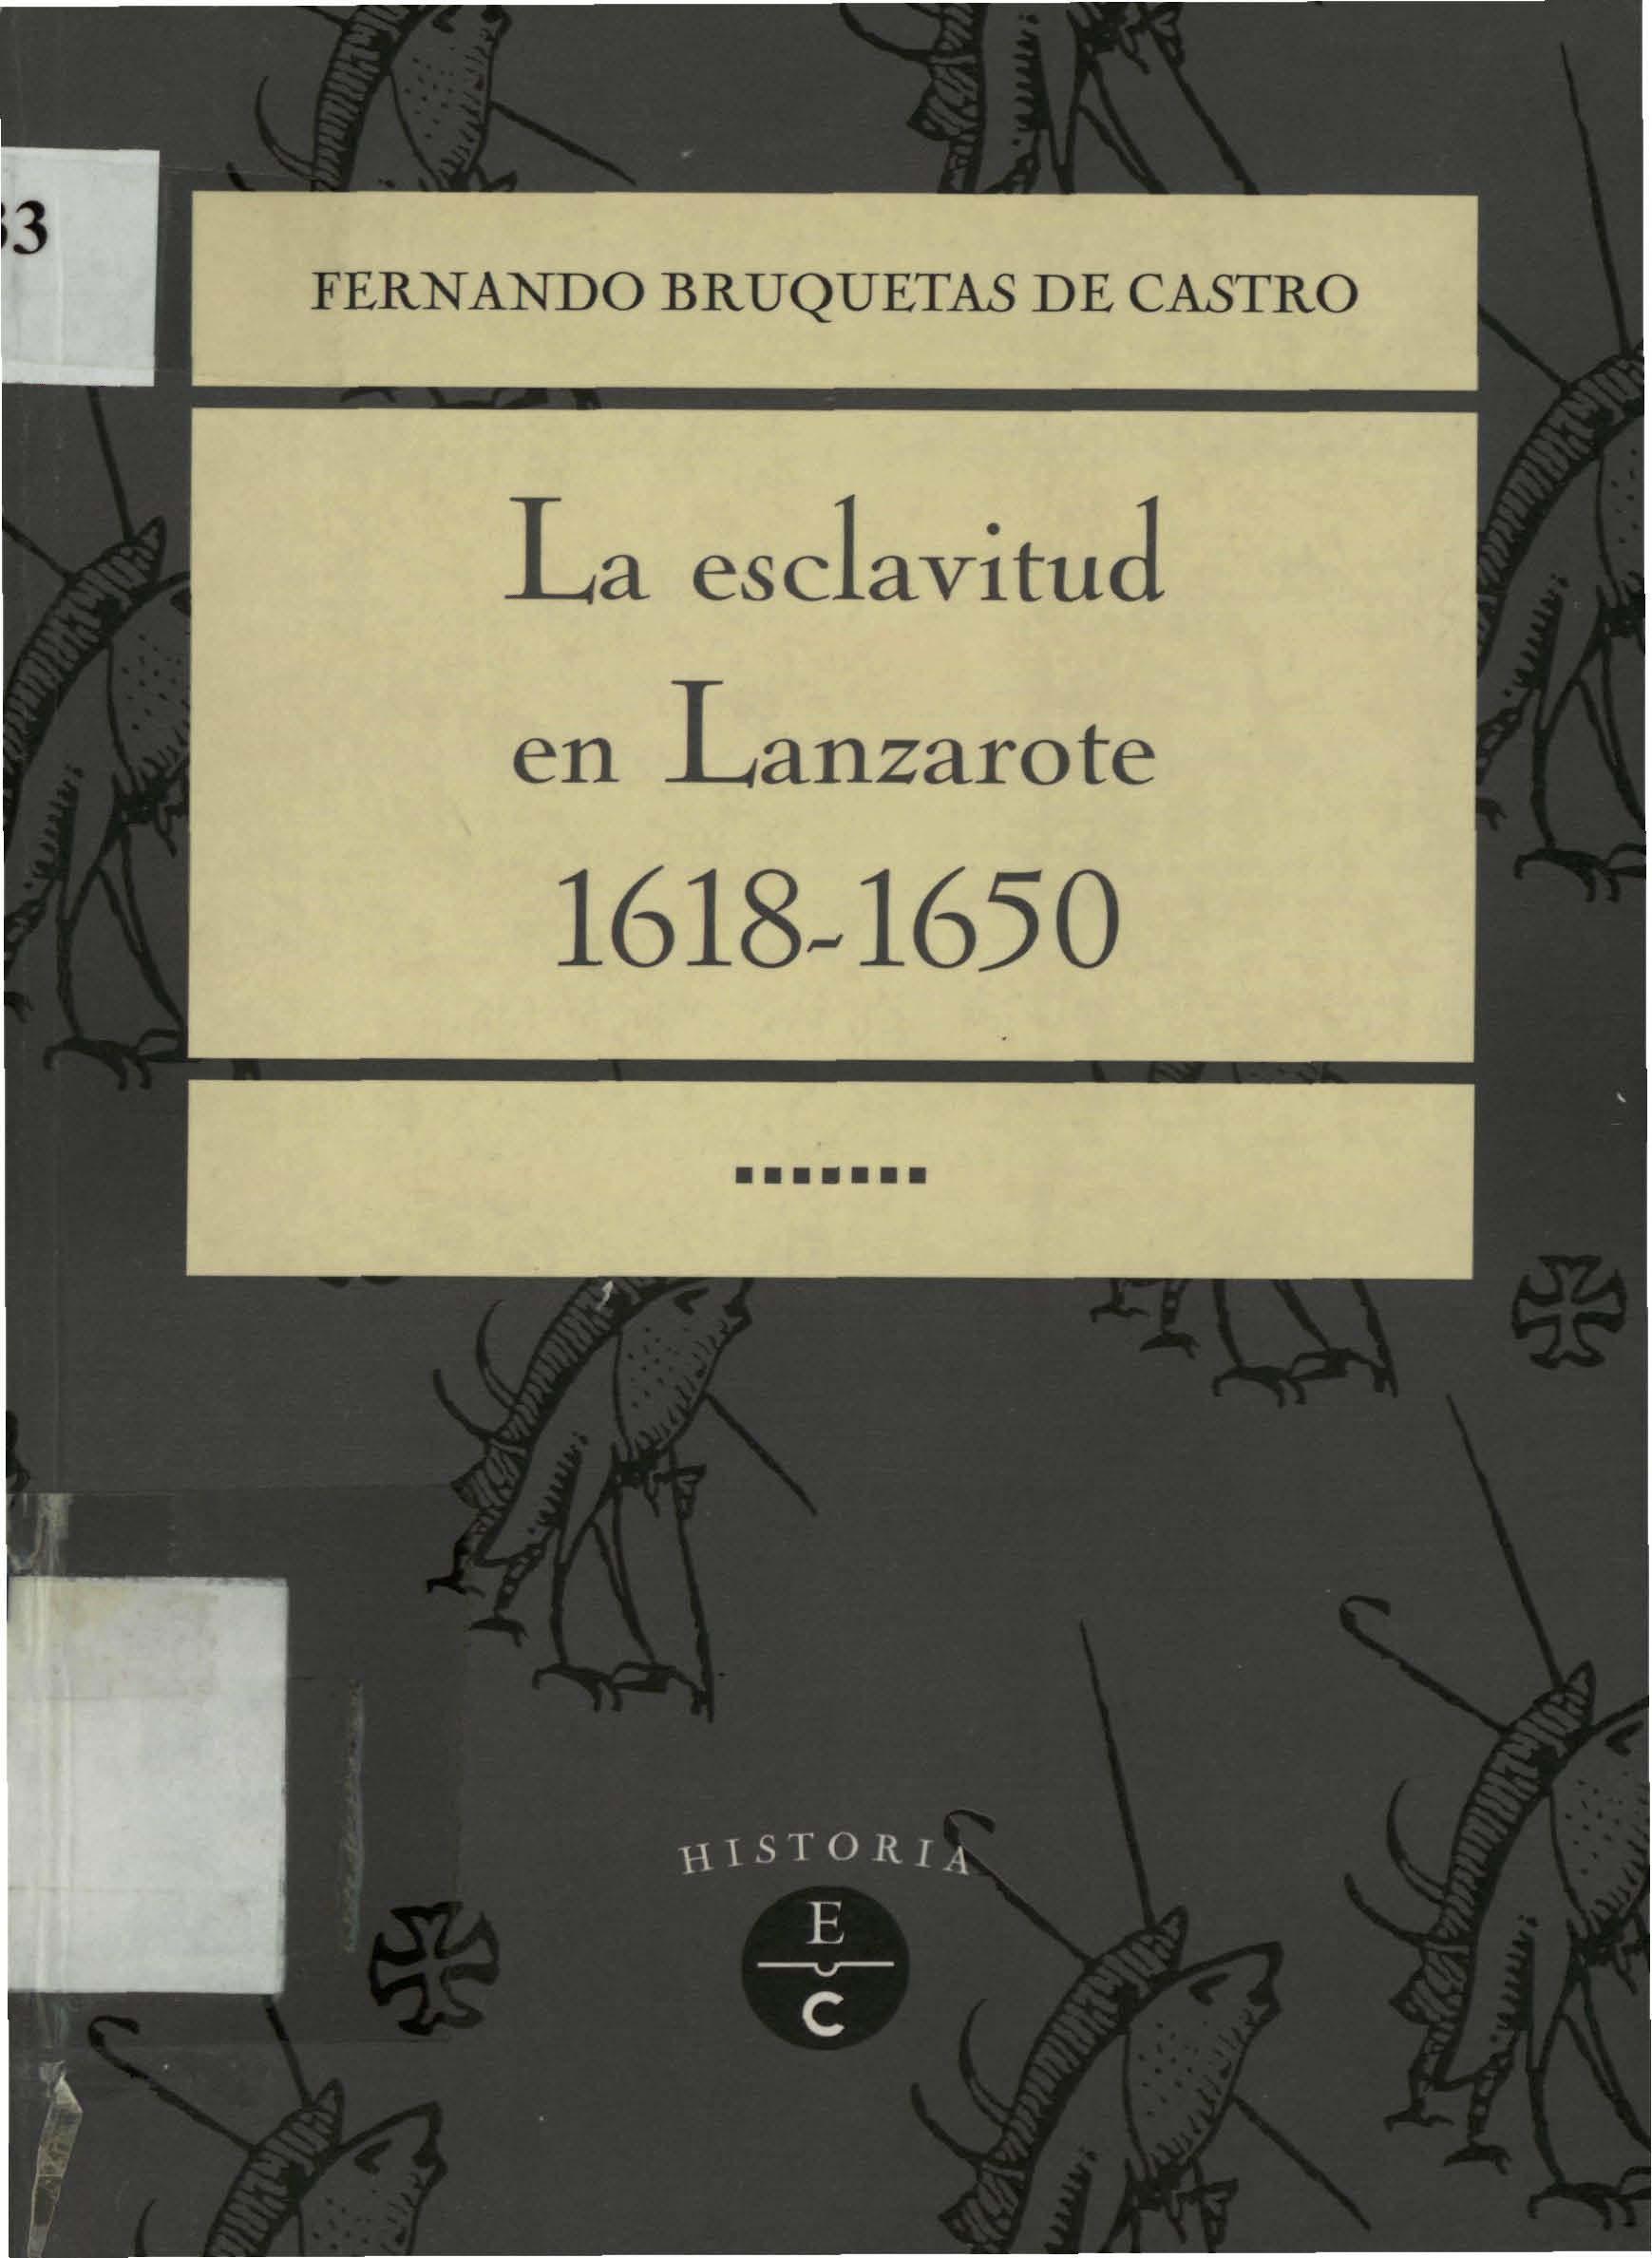 La esclavitud en Lanzarote: 1618-1650